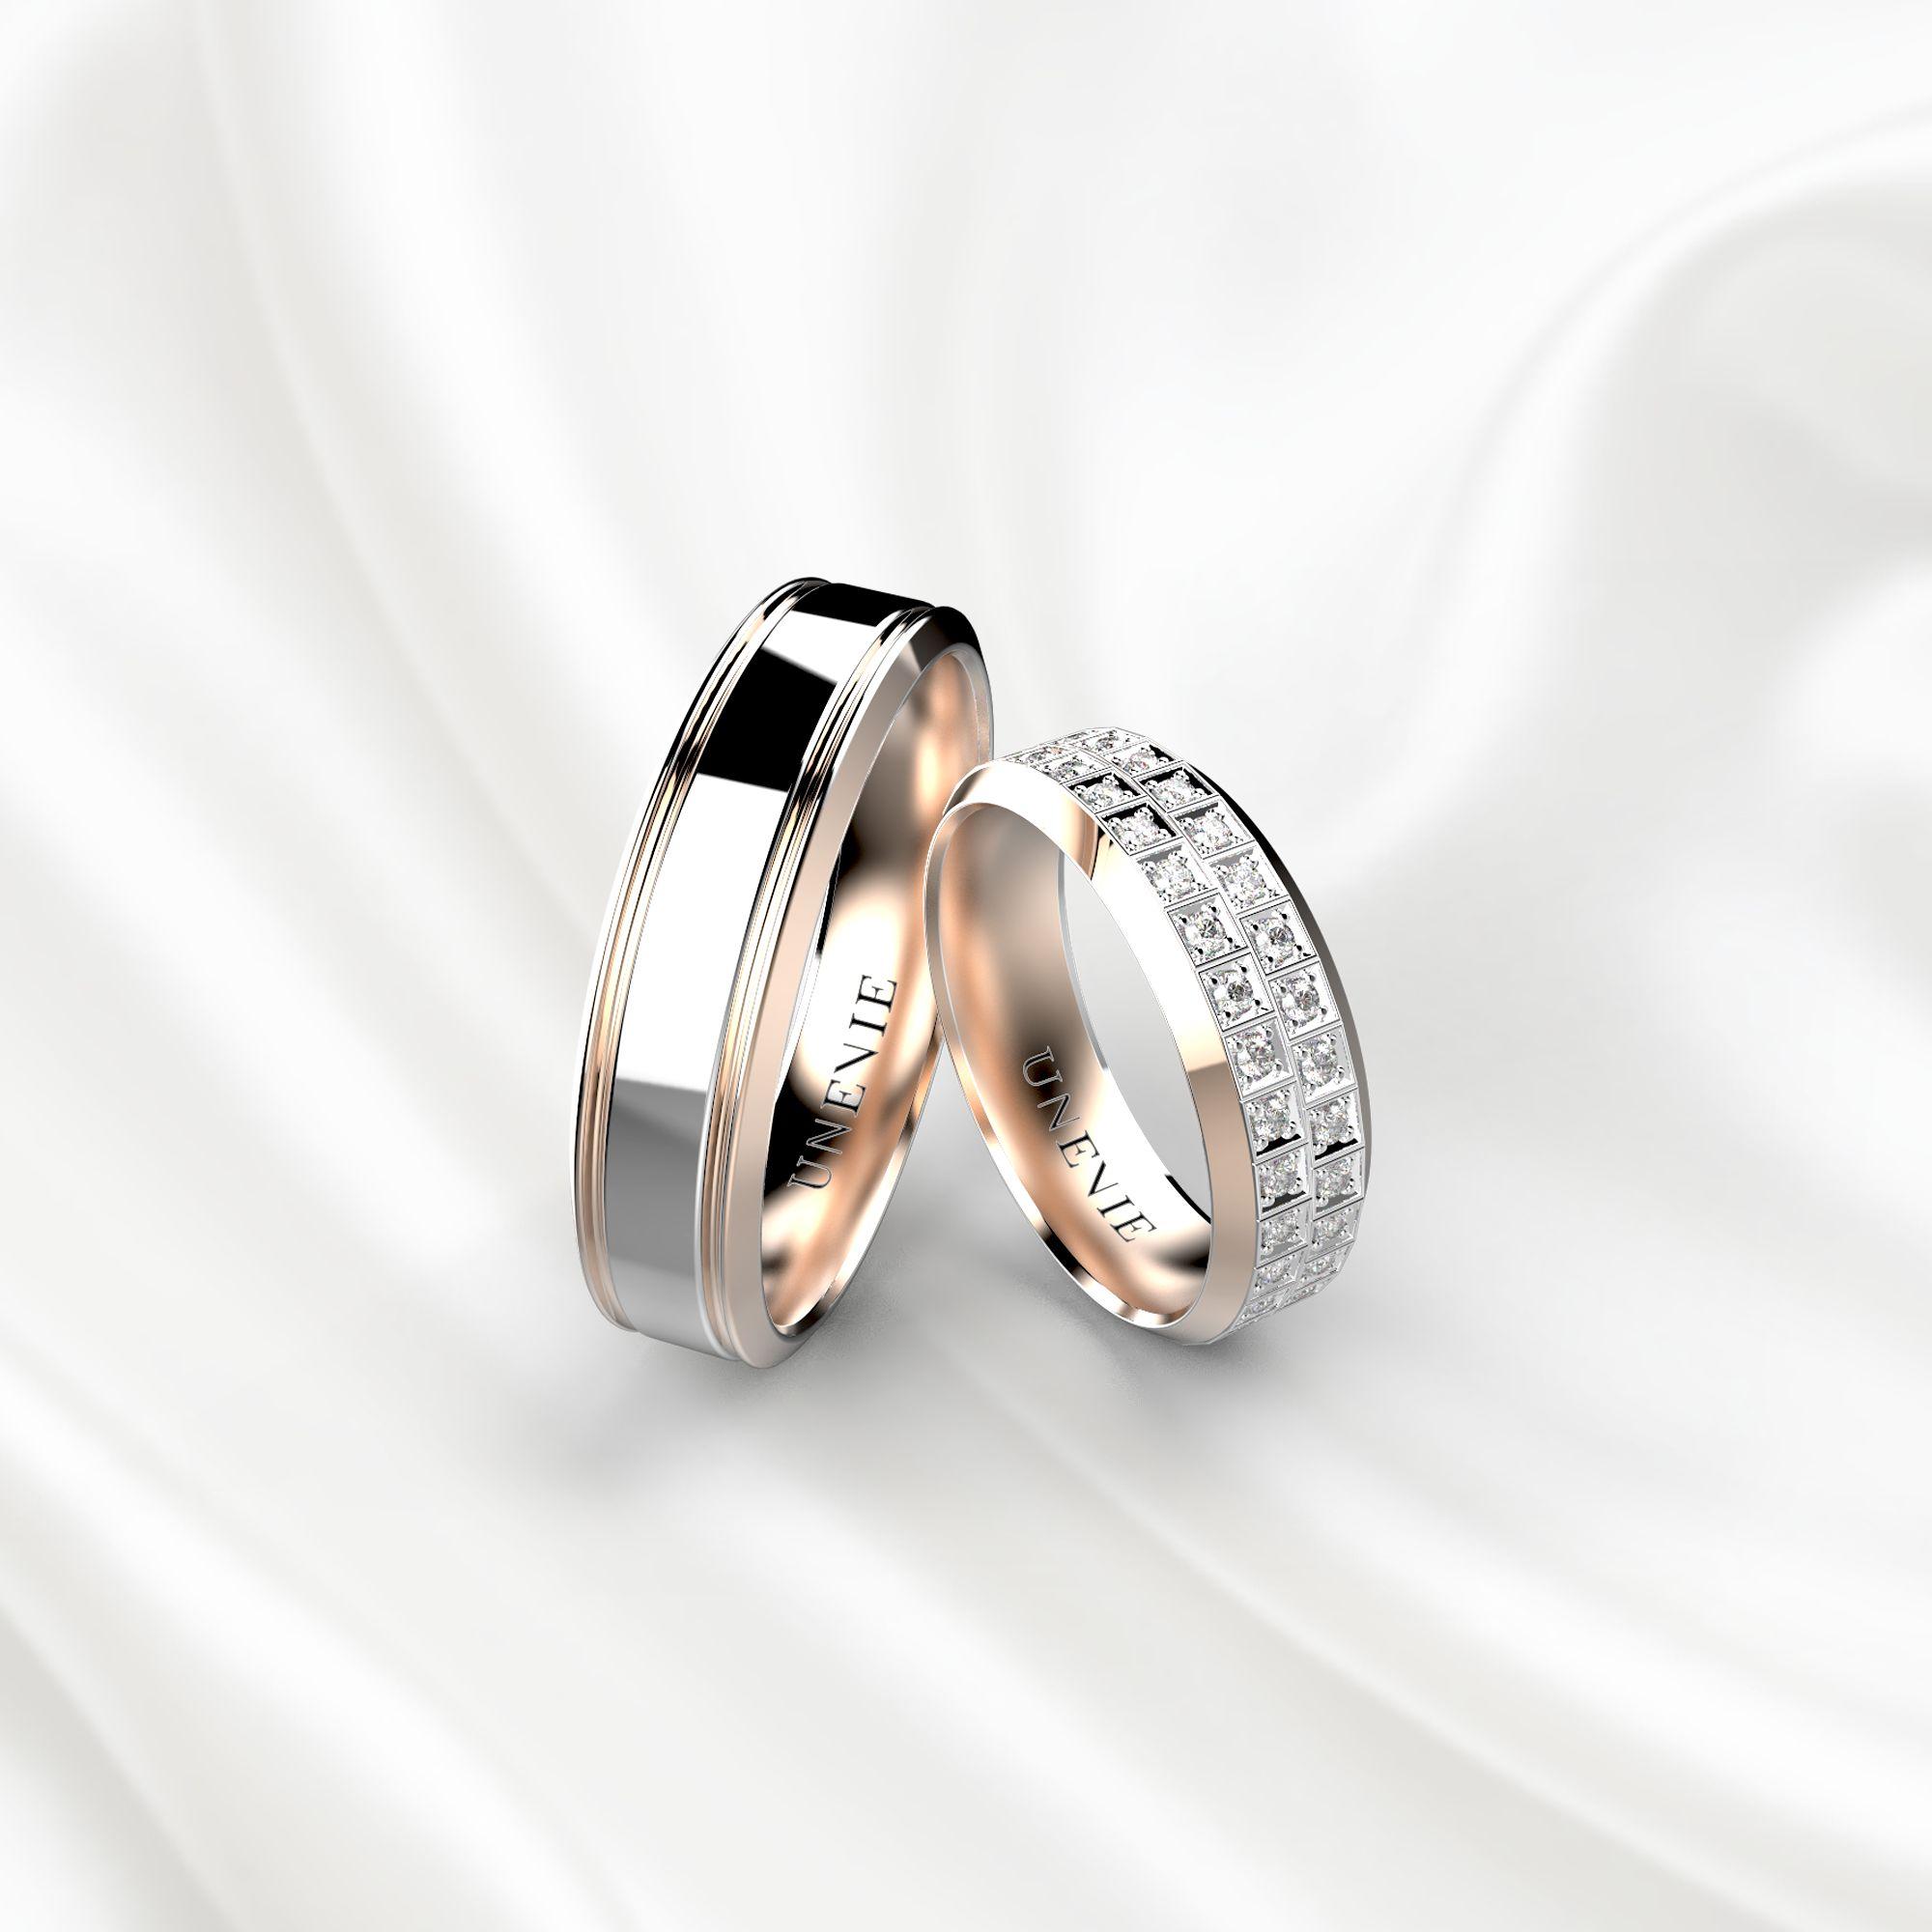 NV21 Обручальные кольца из розово-белого золота